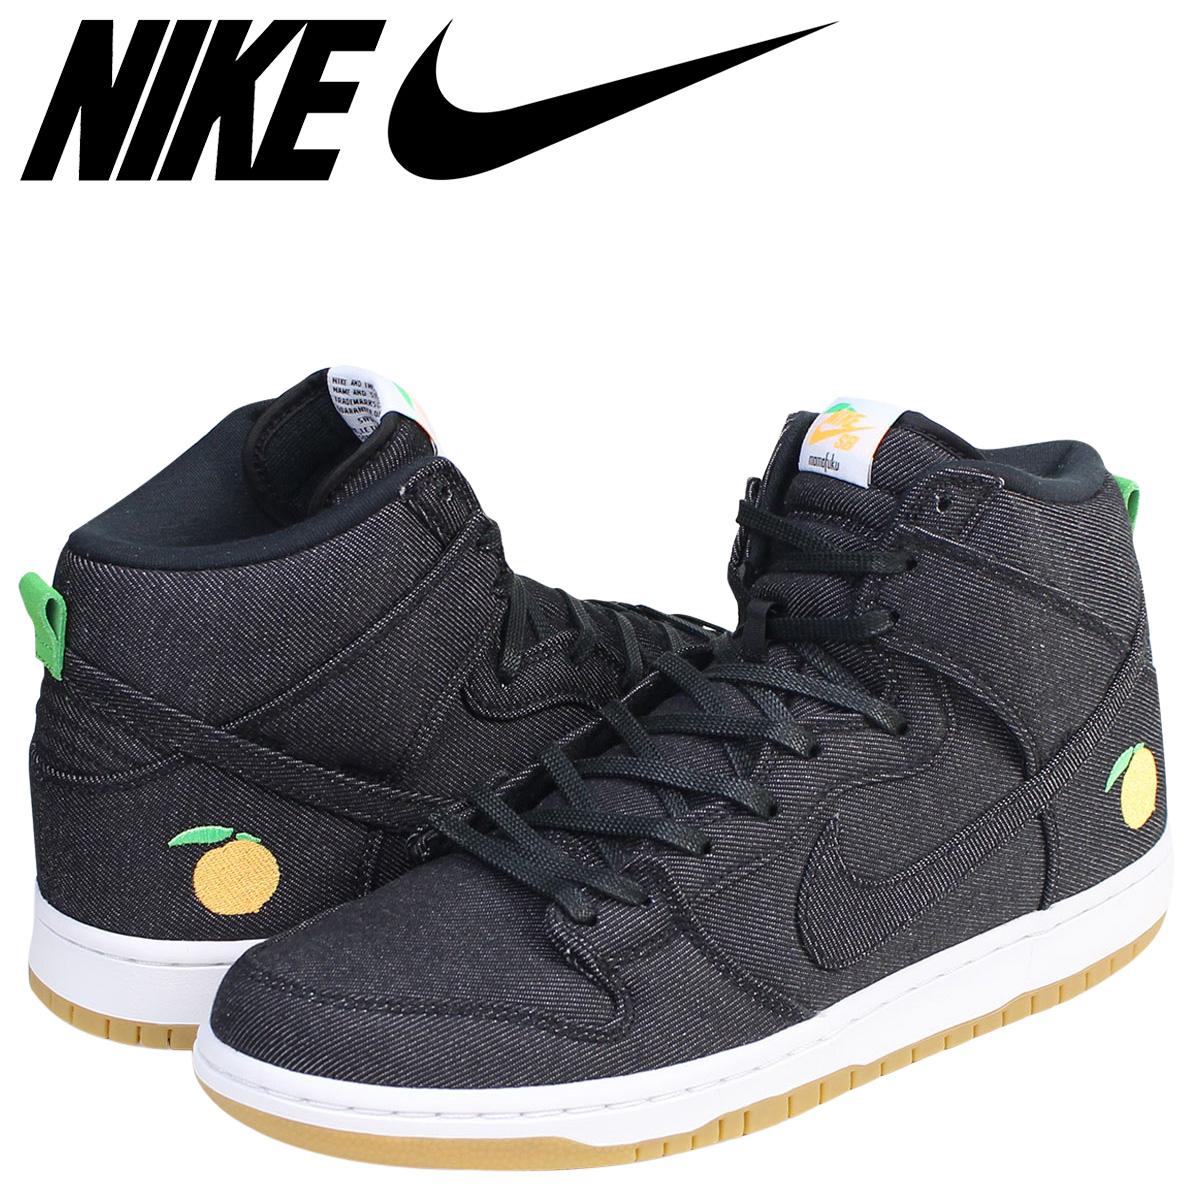 super popular 9201b e0dc4 NIKE Nike SB dunk high sneakers DUNK HIGH TRD QS MOMOFUKU 881,758-071 men's  shoes black black